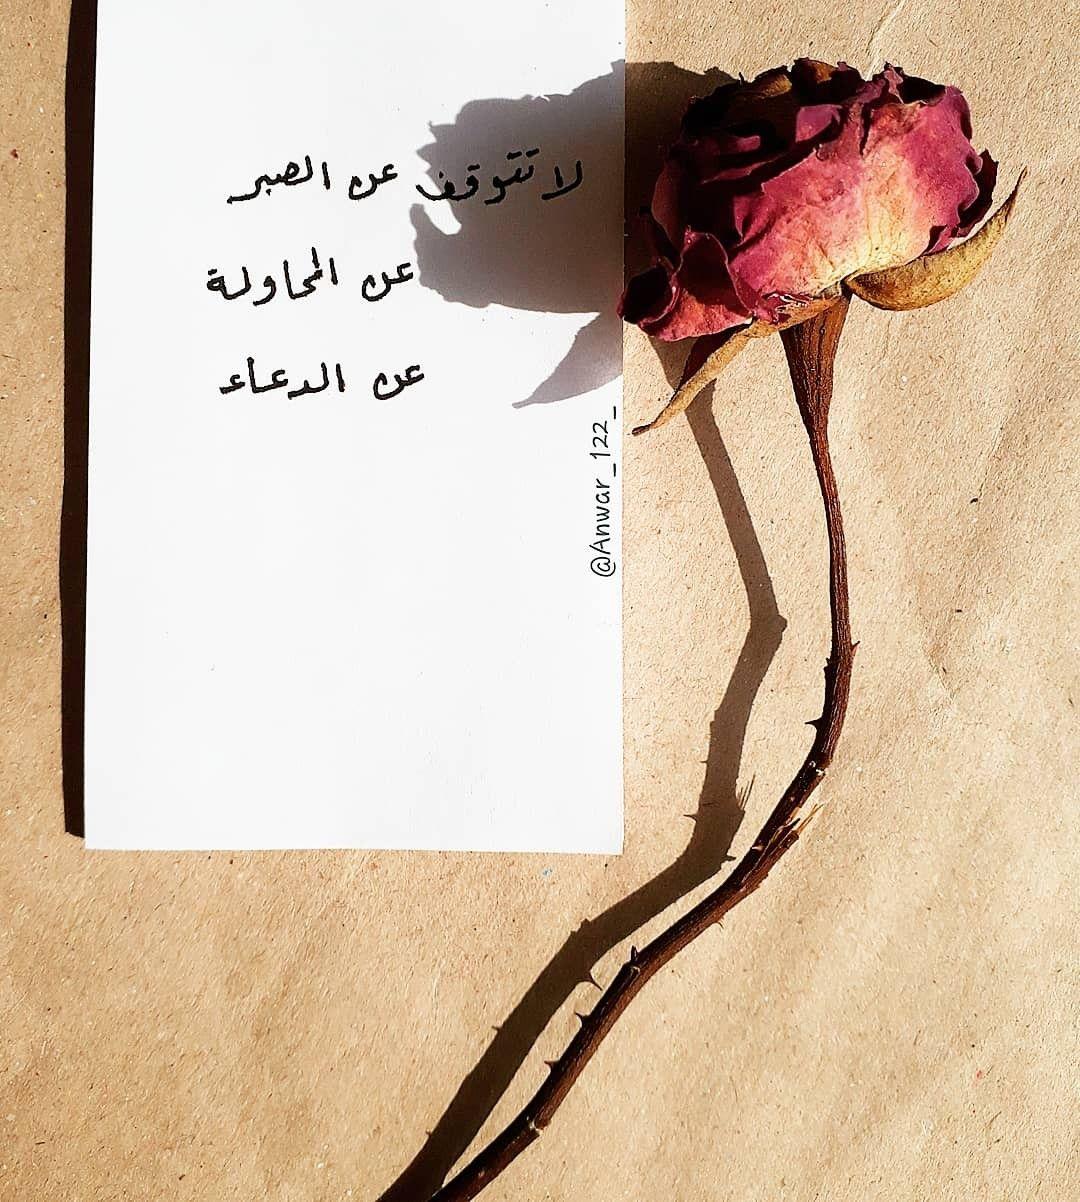 لا تتوقف عن الصبر عن المحاولة عن الدعاء Positive Notes Quotations Arabic Words